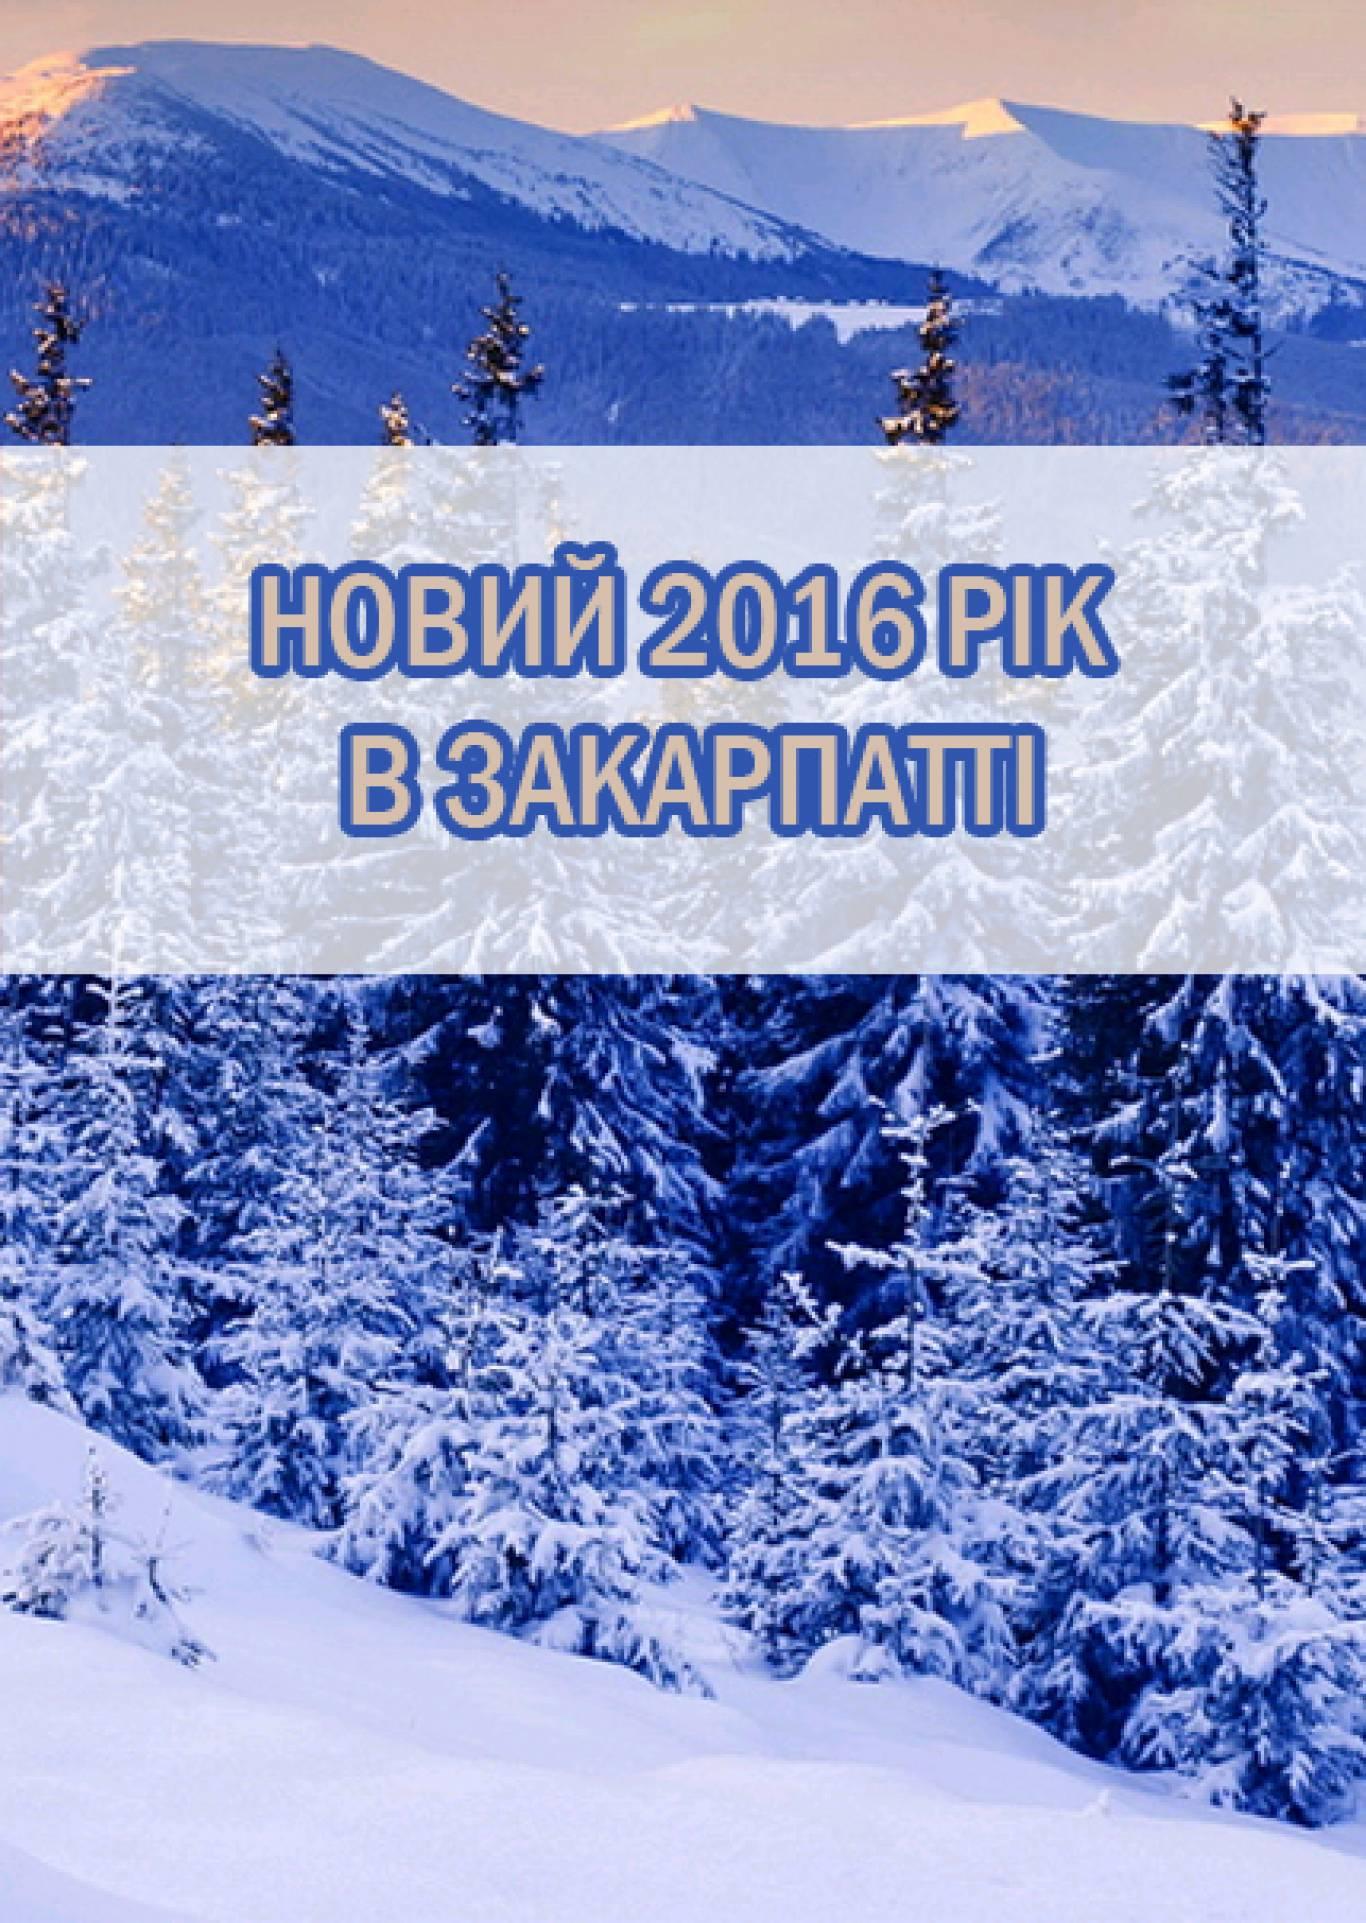 НОВИЙ 2016 РІК В ЗАКАРПАТТІ